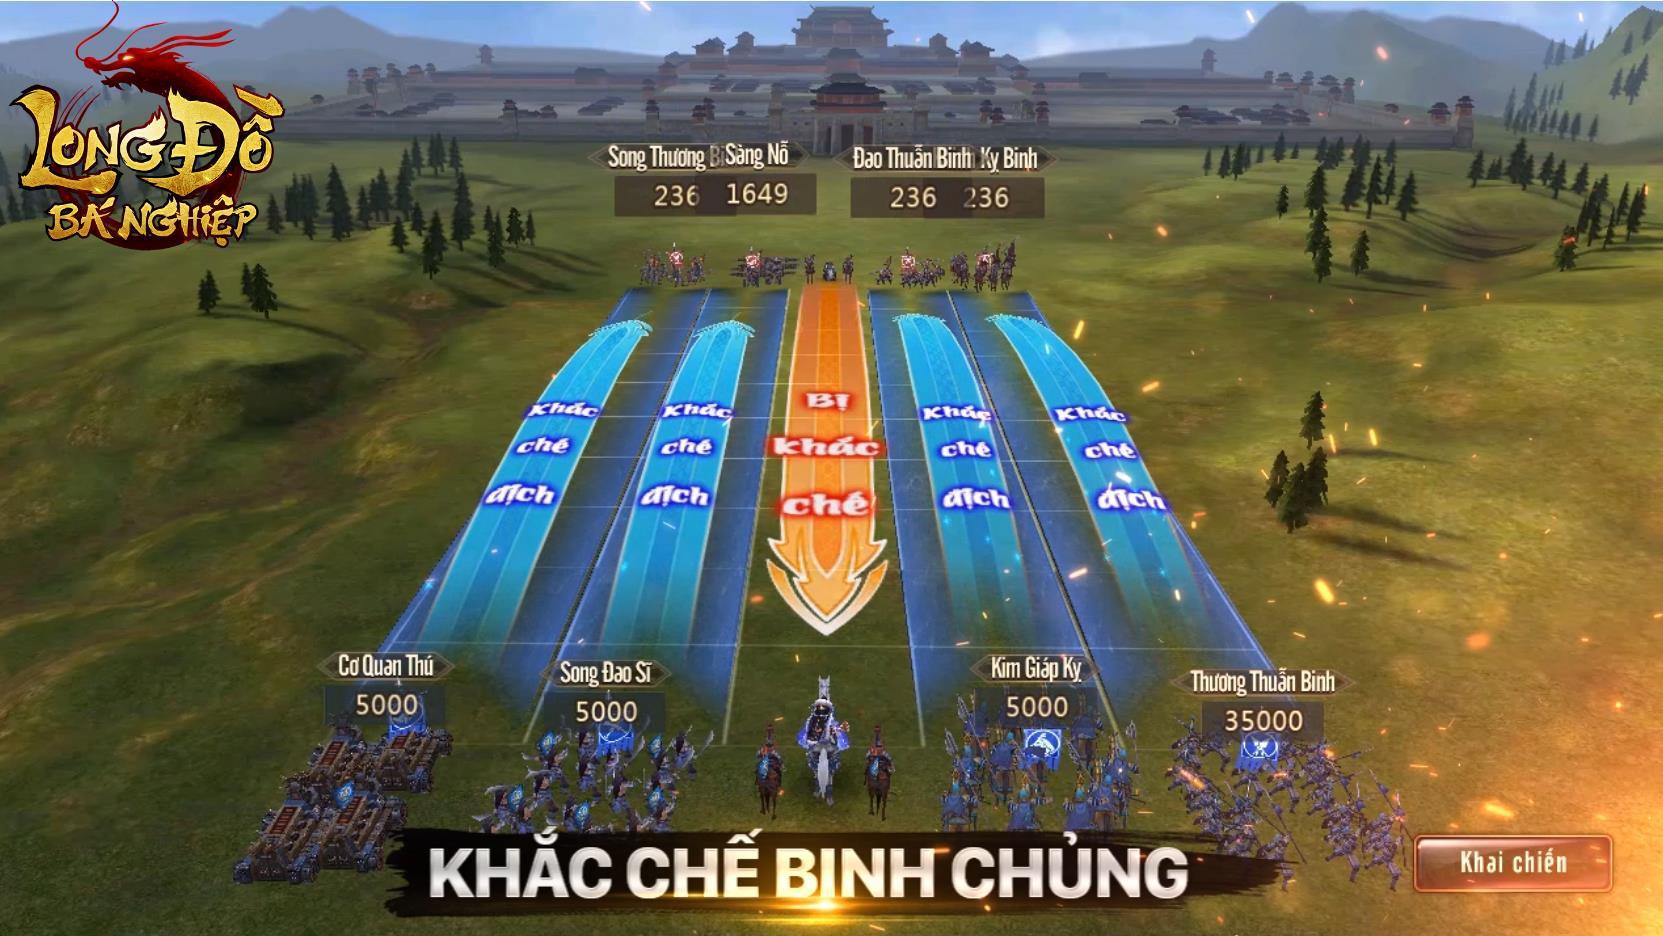 Hừng hực khí thế với trailer Long Đồ Bá Nghiệp: Game chiến thuật Top 1 Châu Á sắp ra mắt tháng 1 - Ảnh 8.